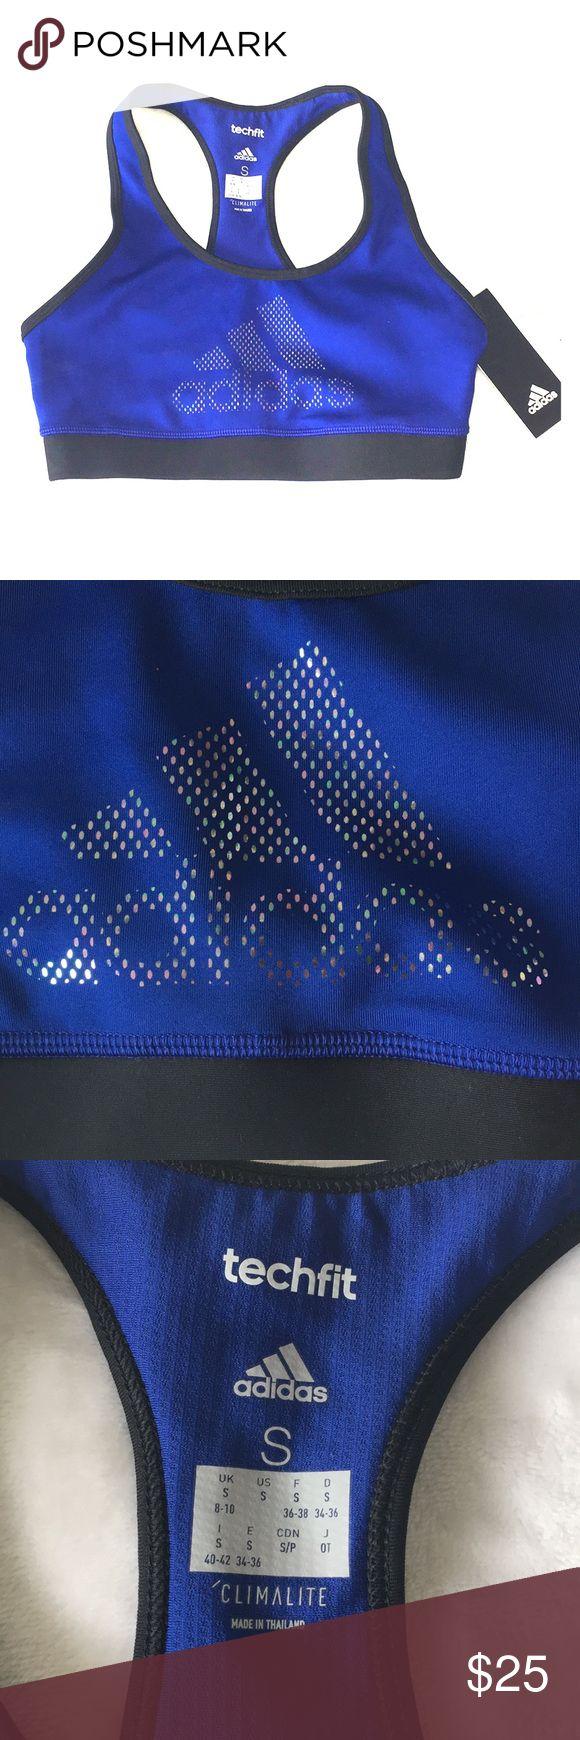 adidas Sport-BH Größe S Adidas Techfit Sport-BH Dunkelblau und Schwarz mit …